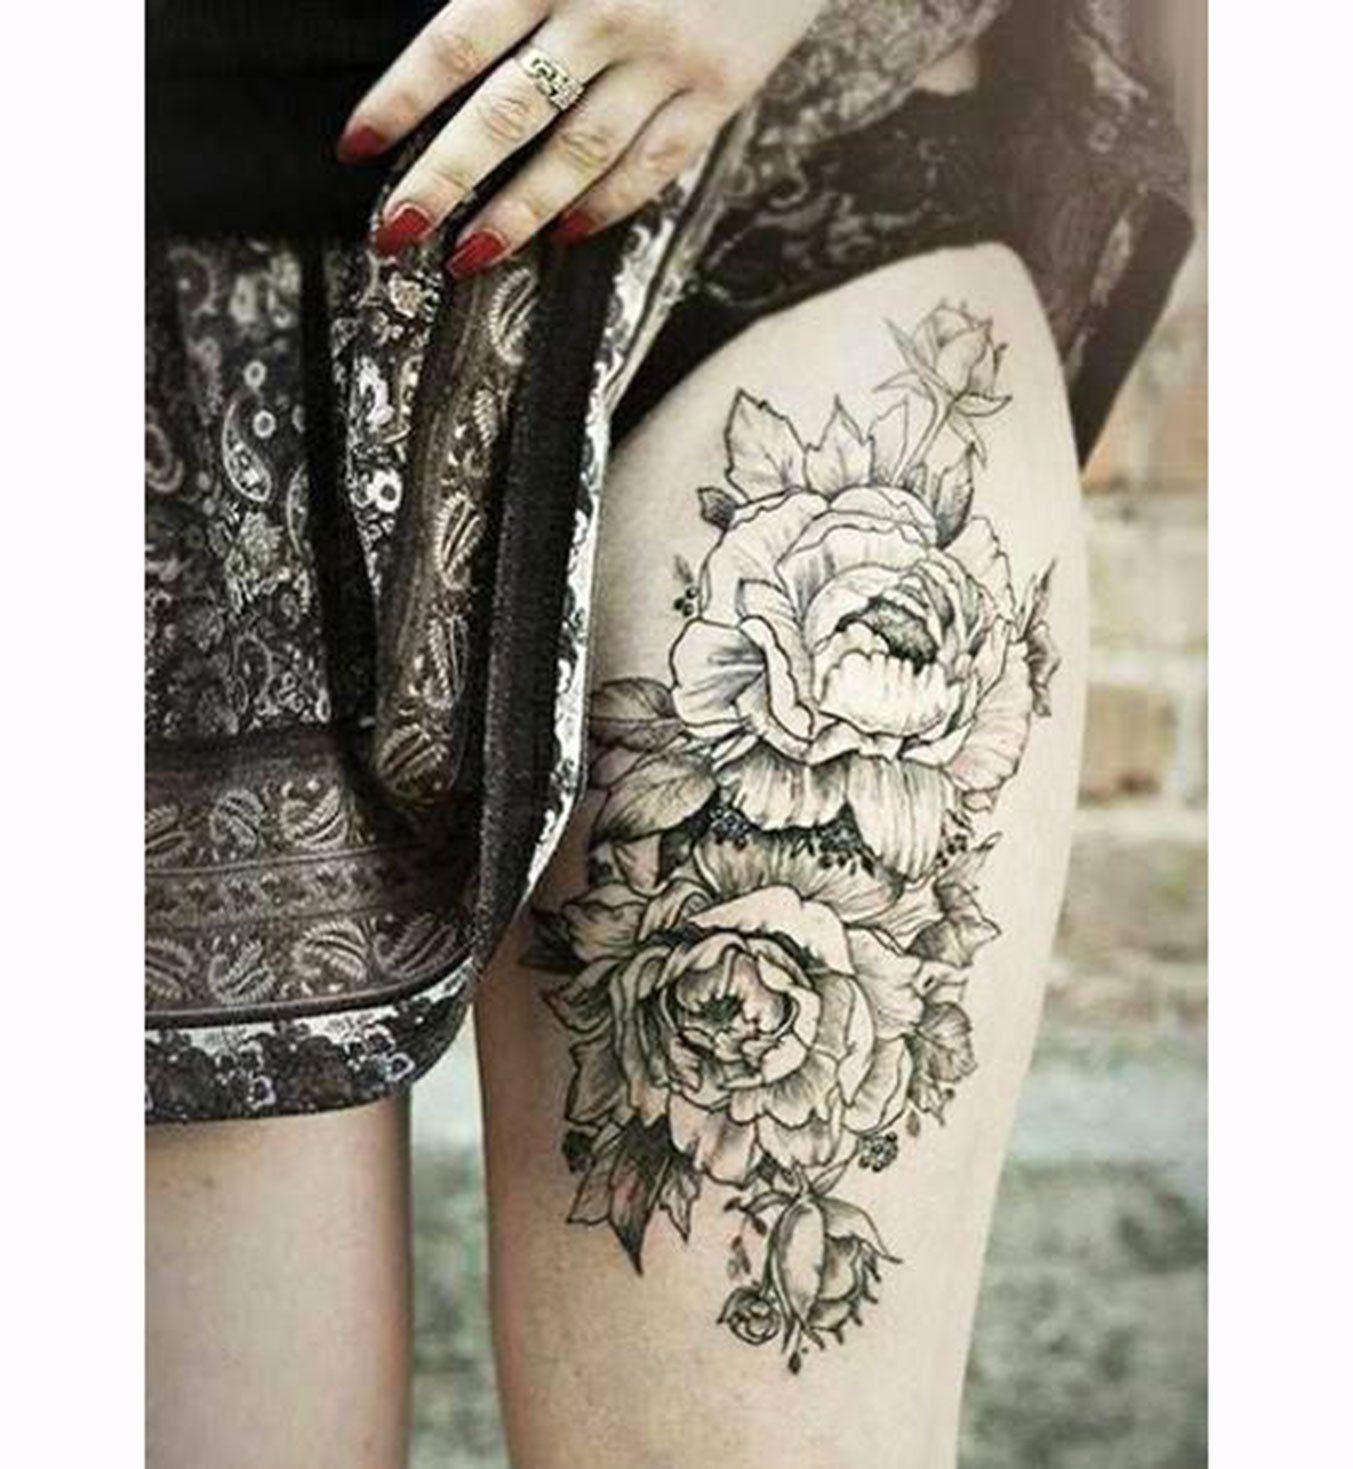 tatouage classe sur femme ronde